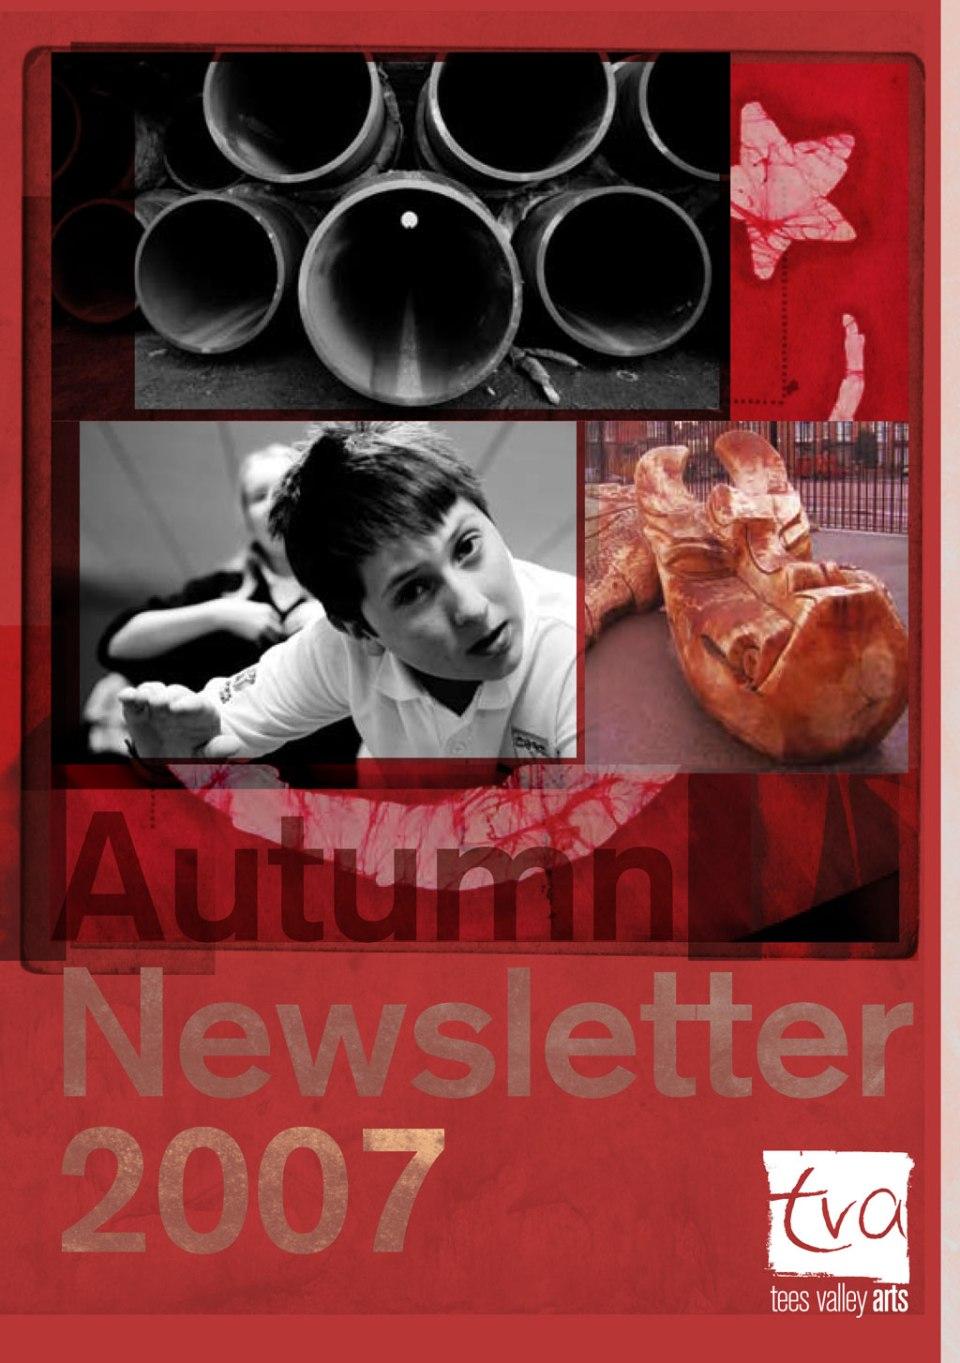 TVA Autumn Newsletter 2007